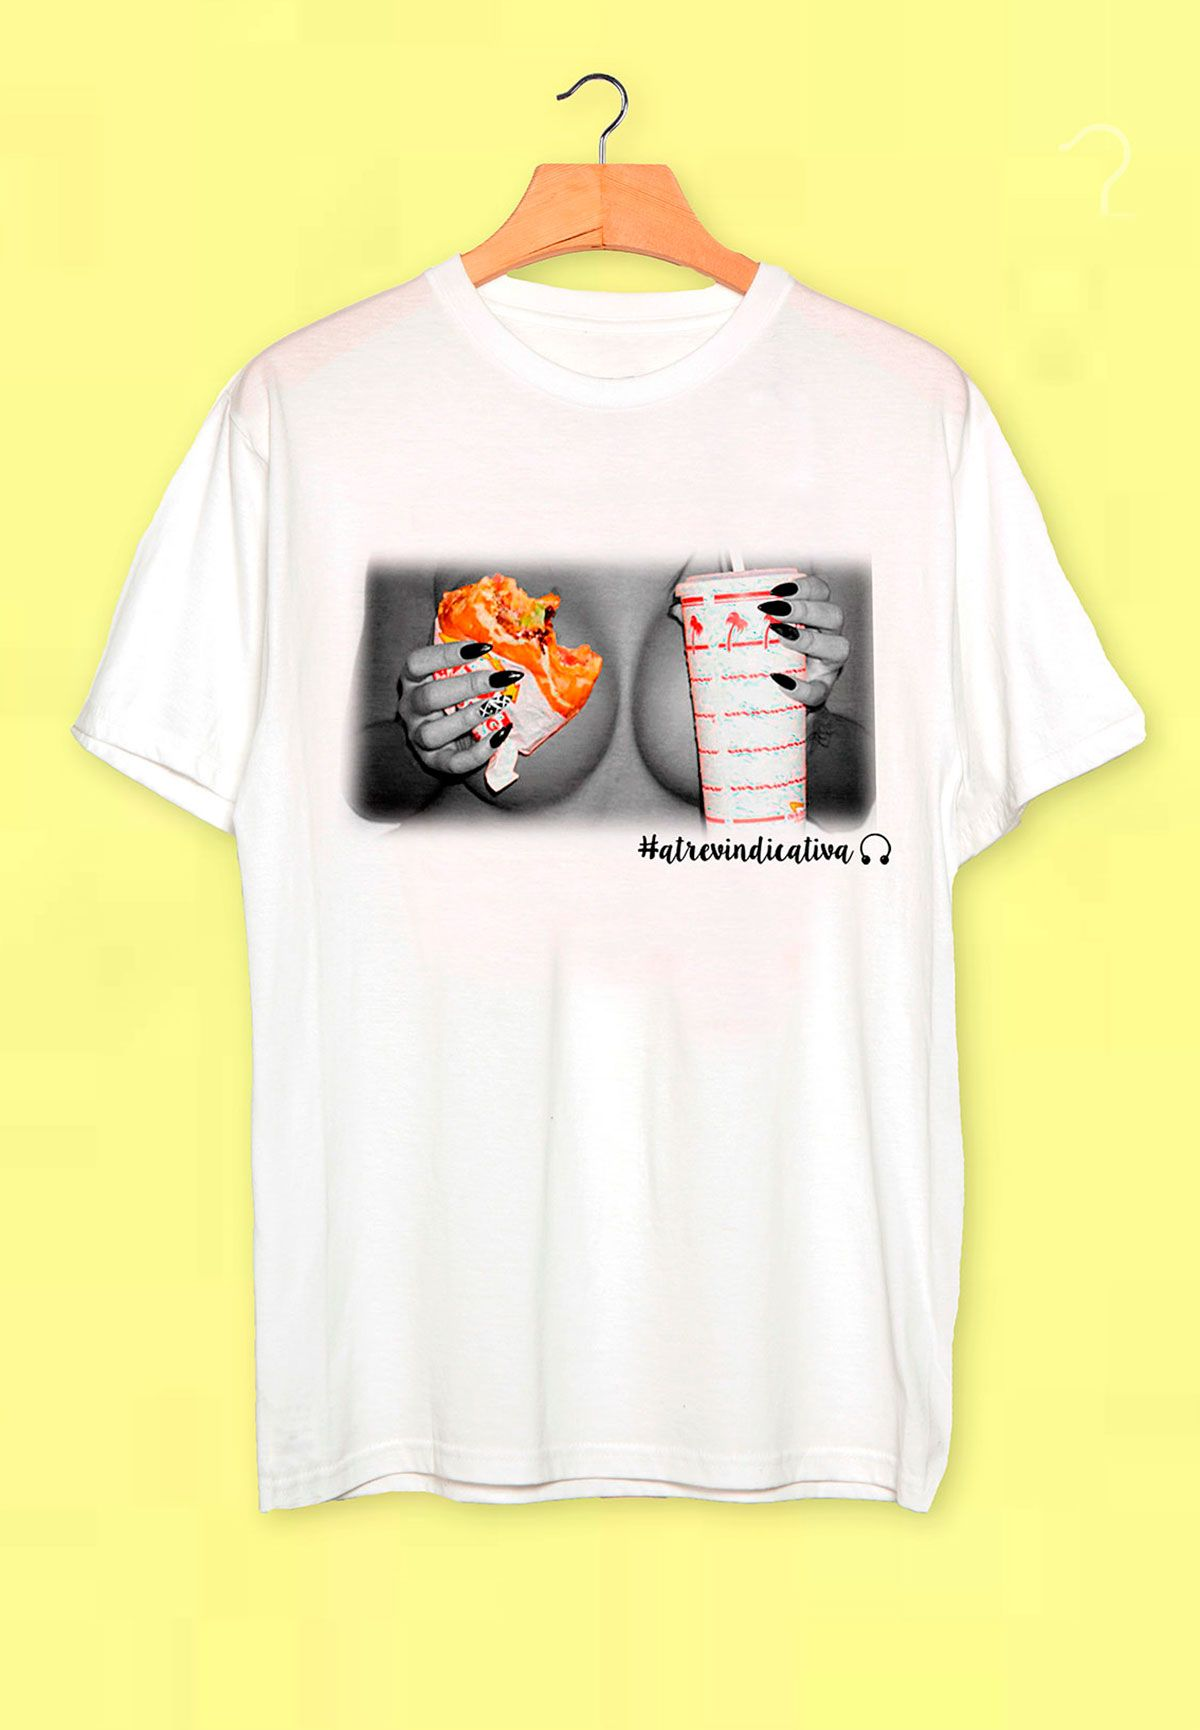 Atrevindicativa camisetas pecho: comida